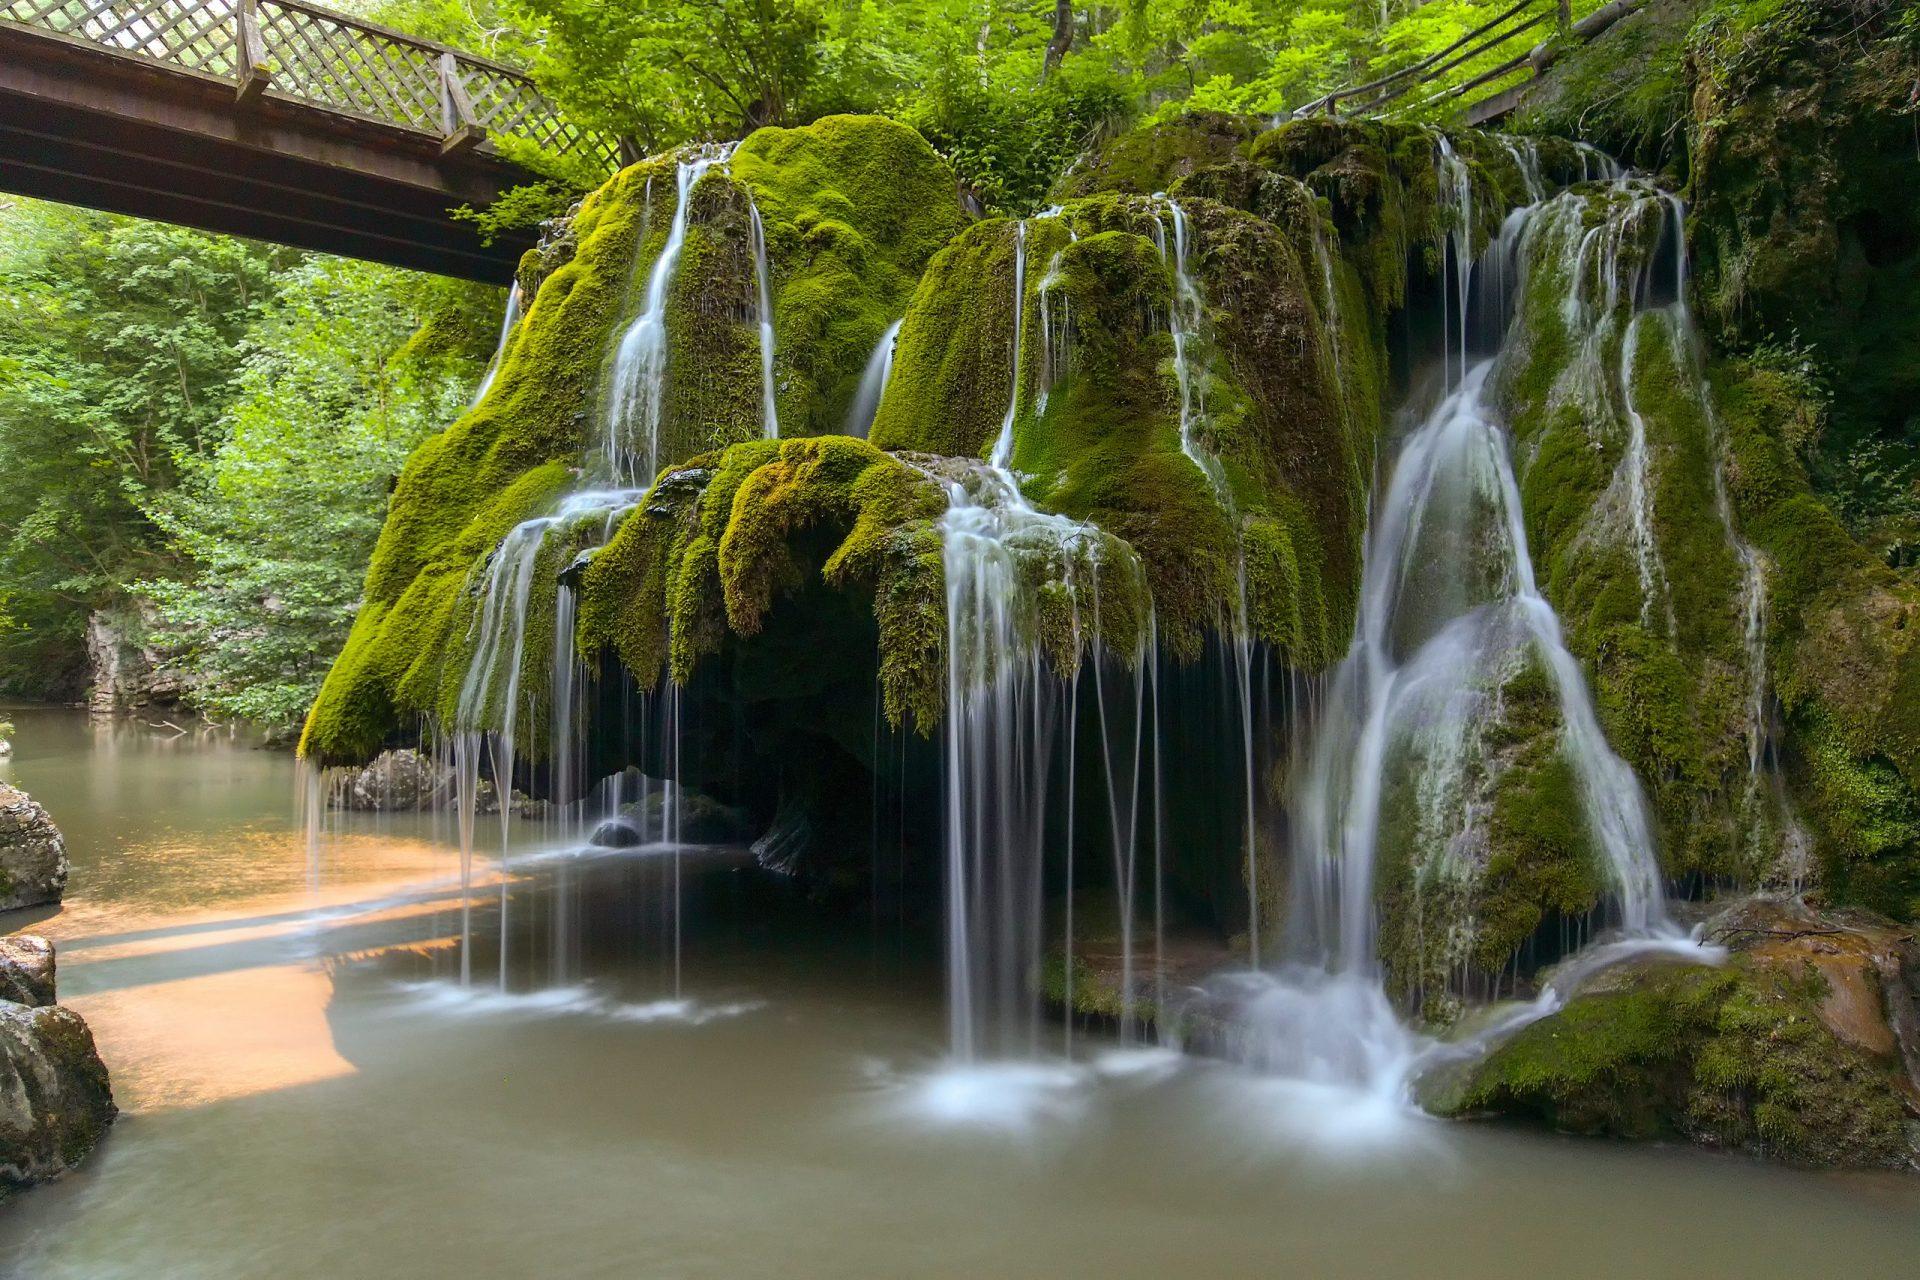 Bigar Waterfall - Self drive tour of Romania